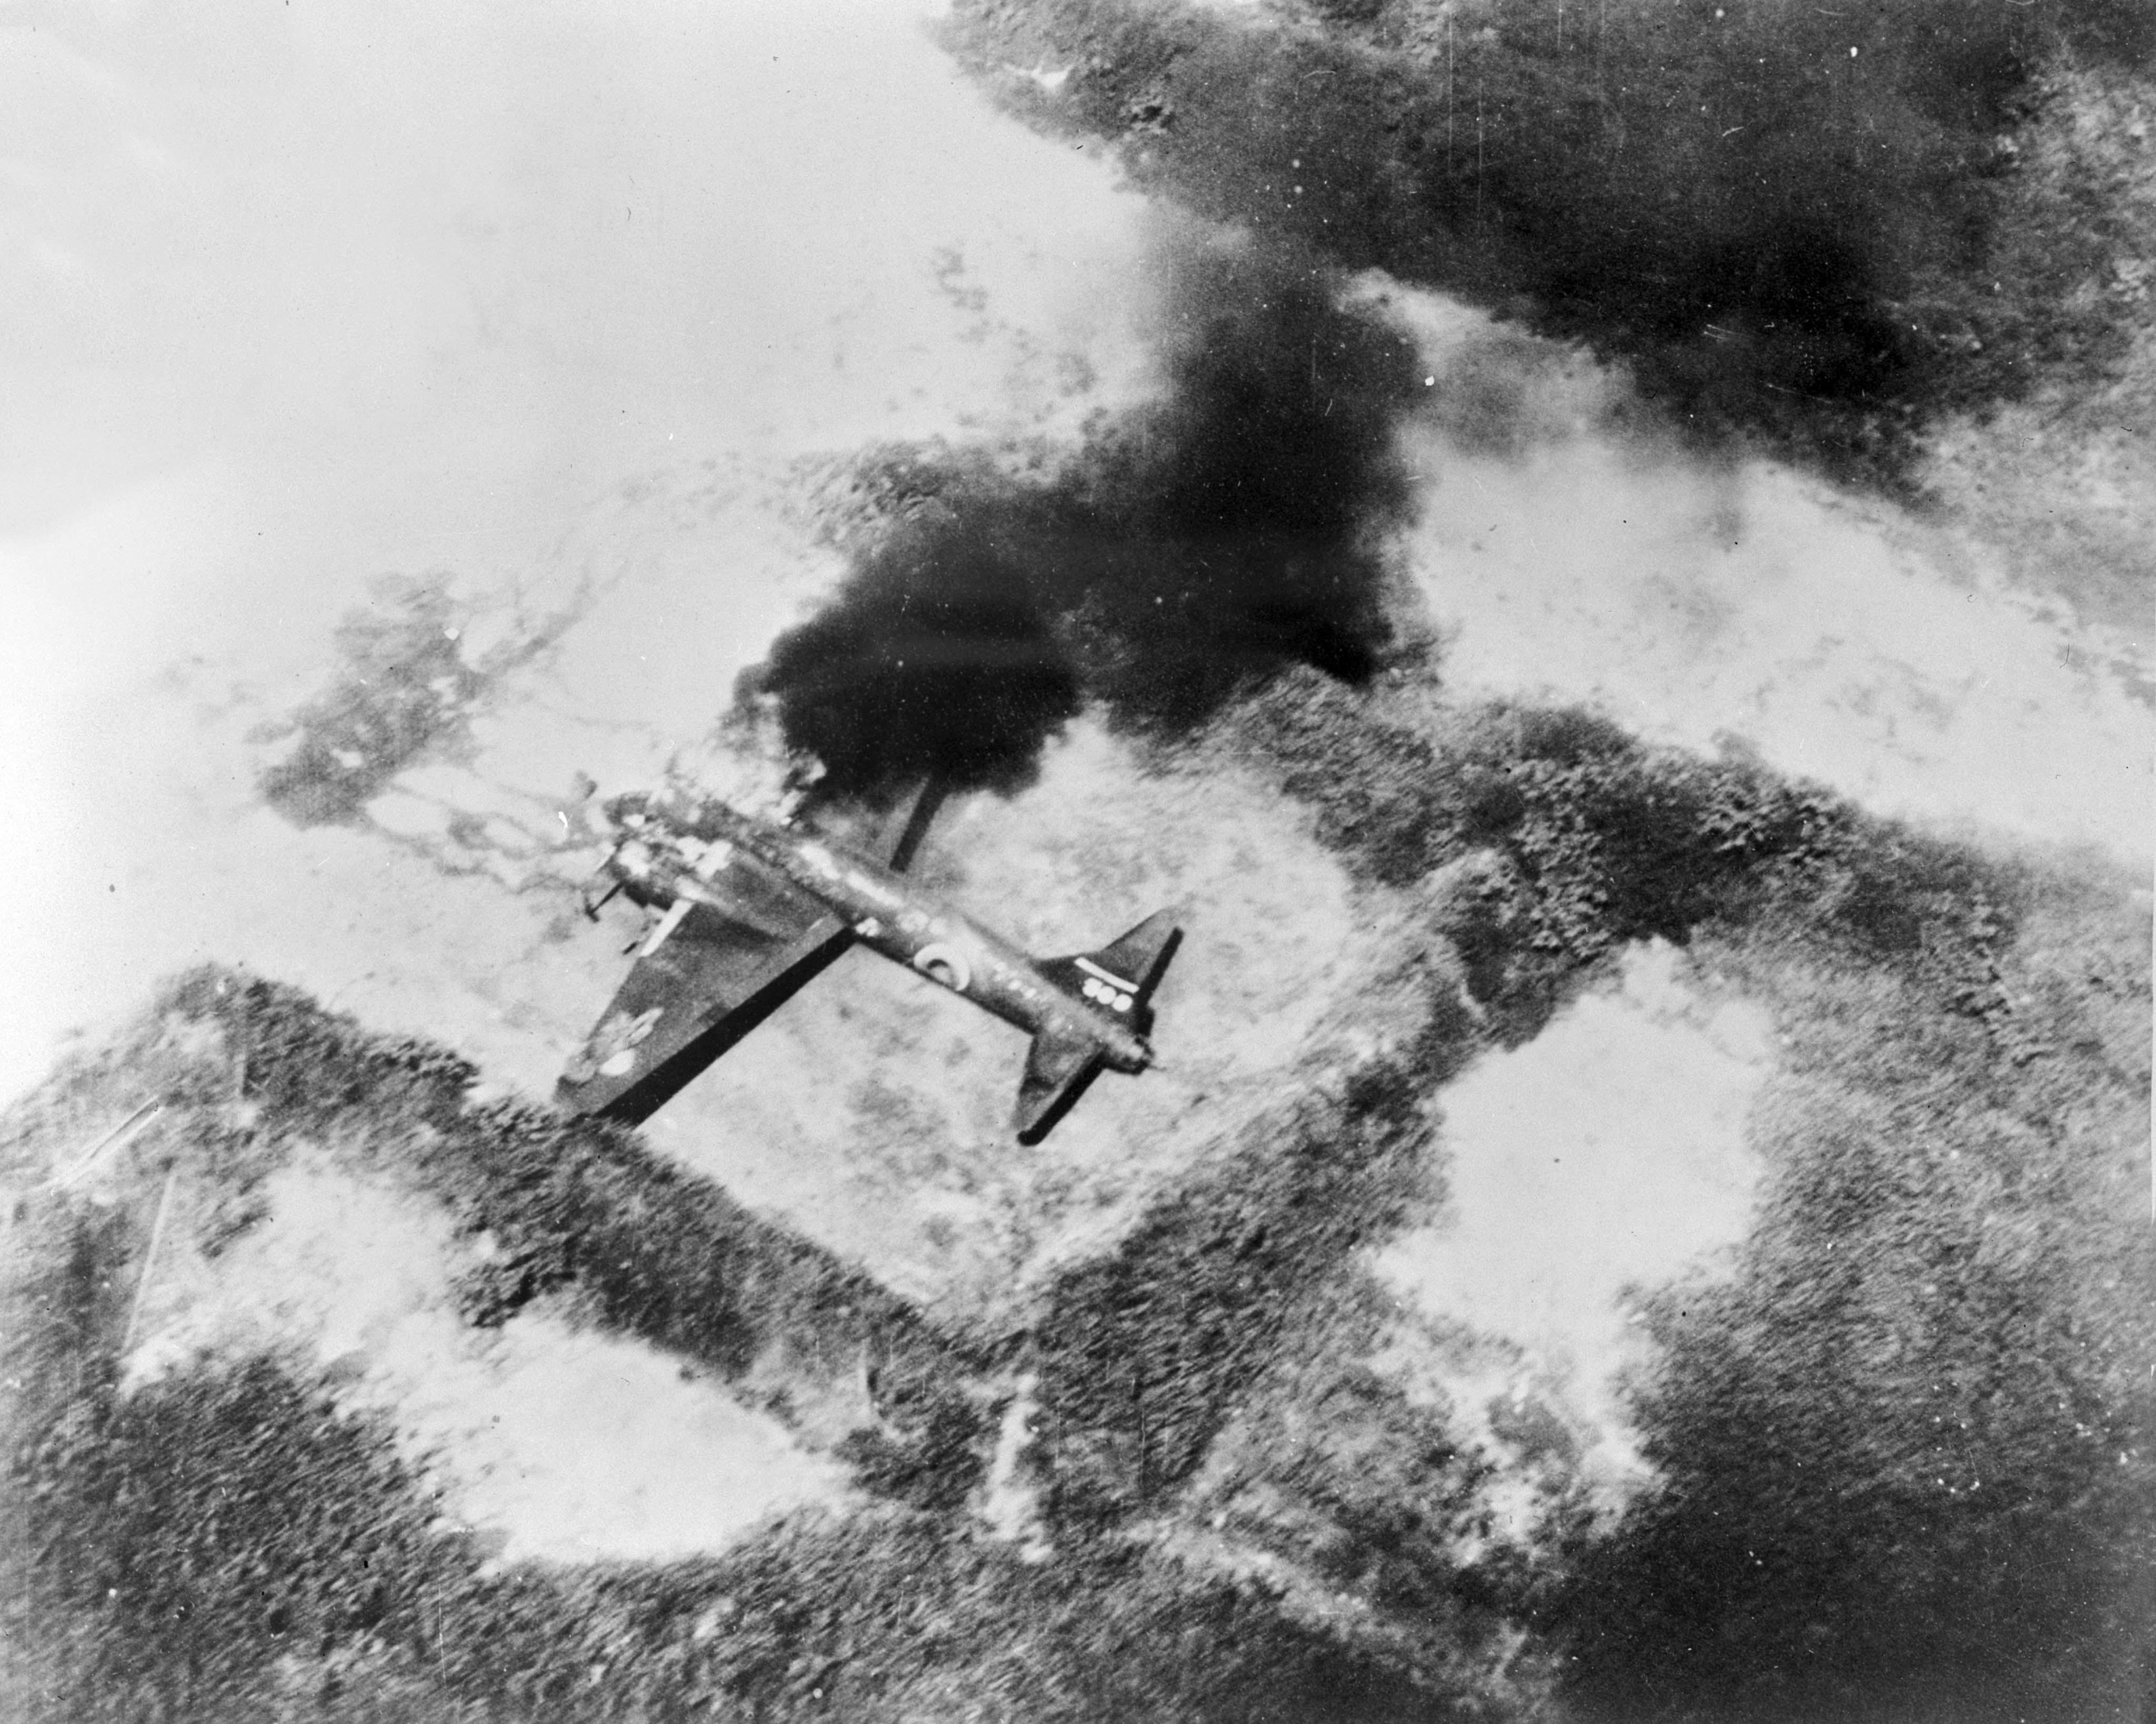 Japanese bomber G4M